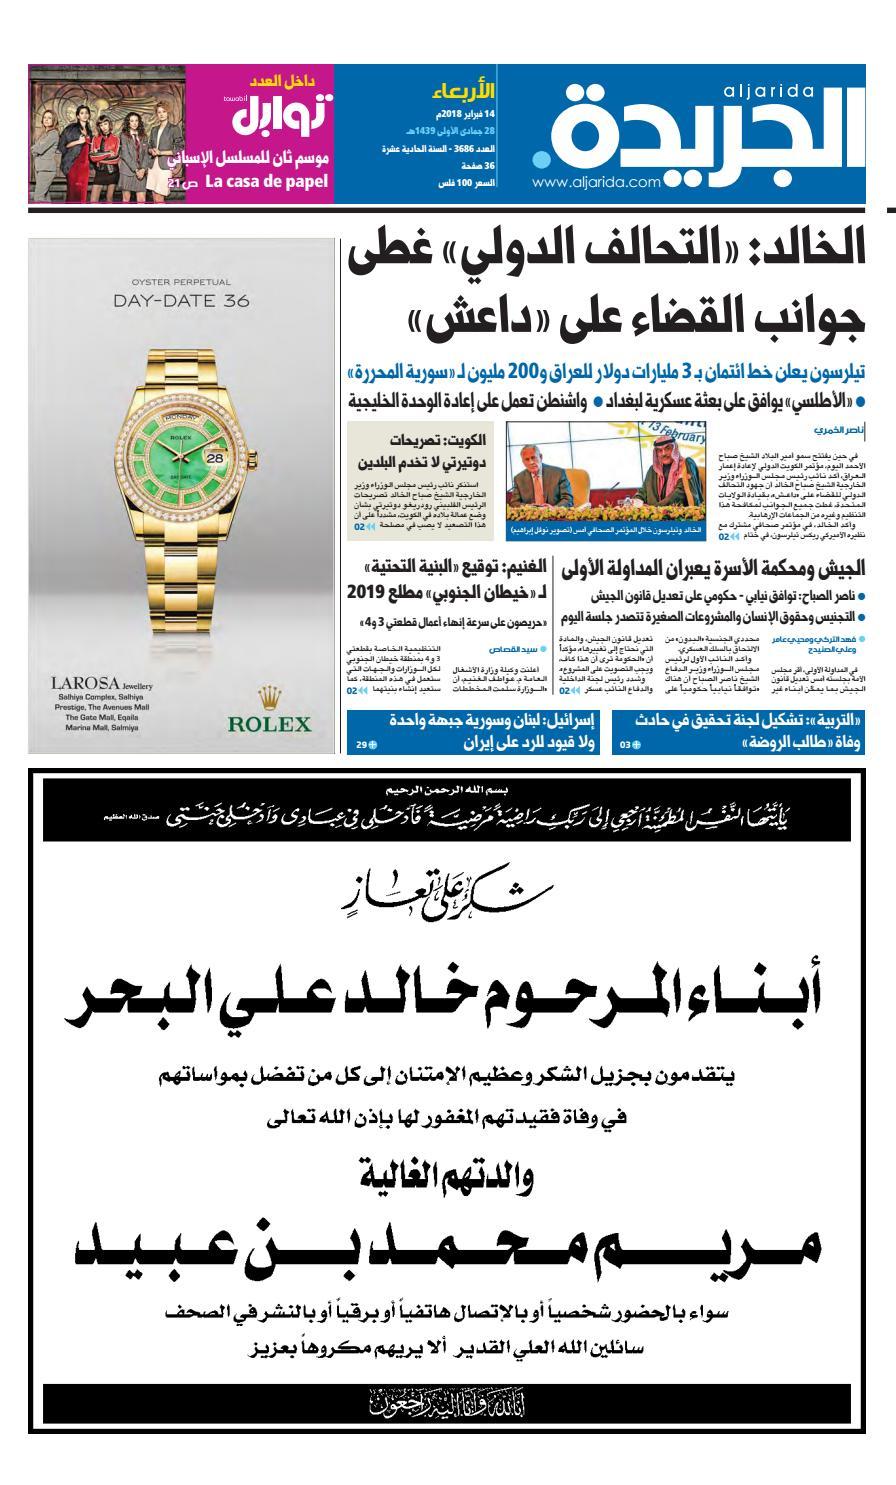 d38a5ebb9 عدد الجريدة الأربعاء 14 فبراير 2018 by Aljarida Newspaper - issuu